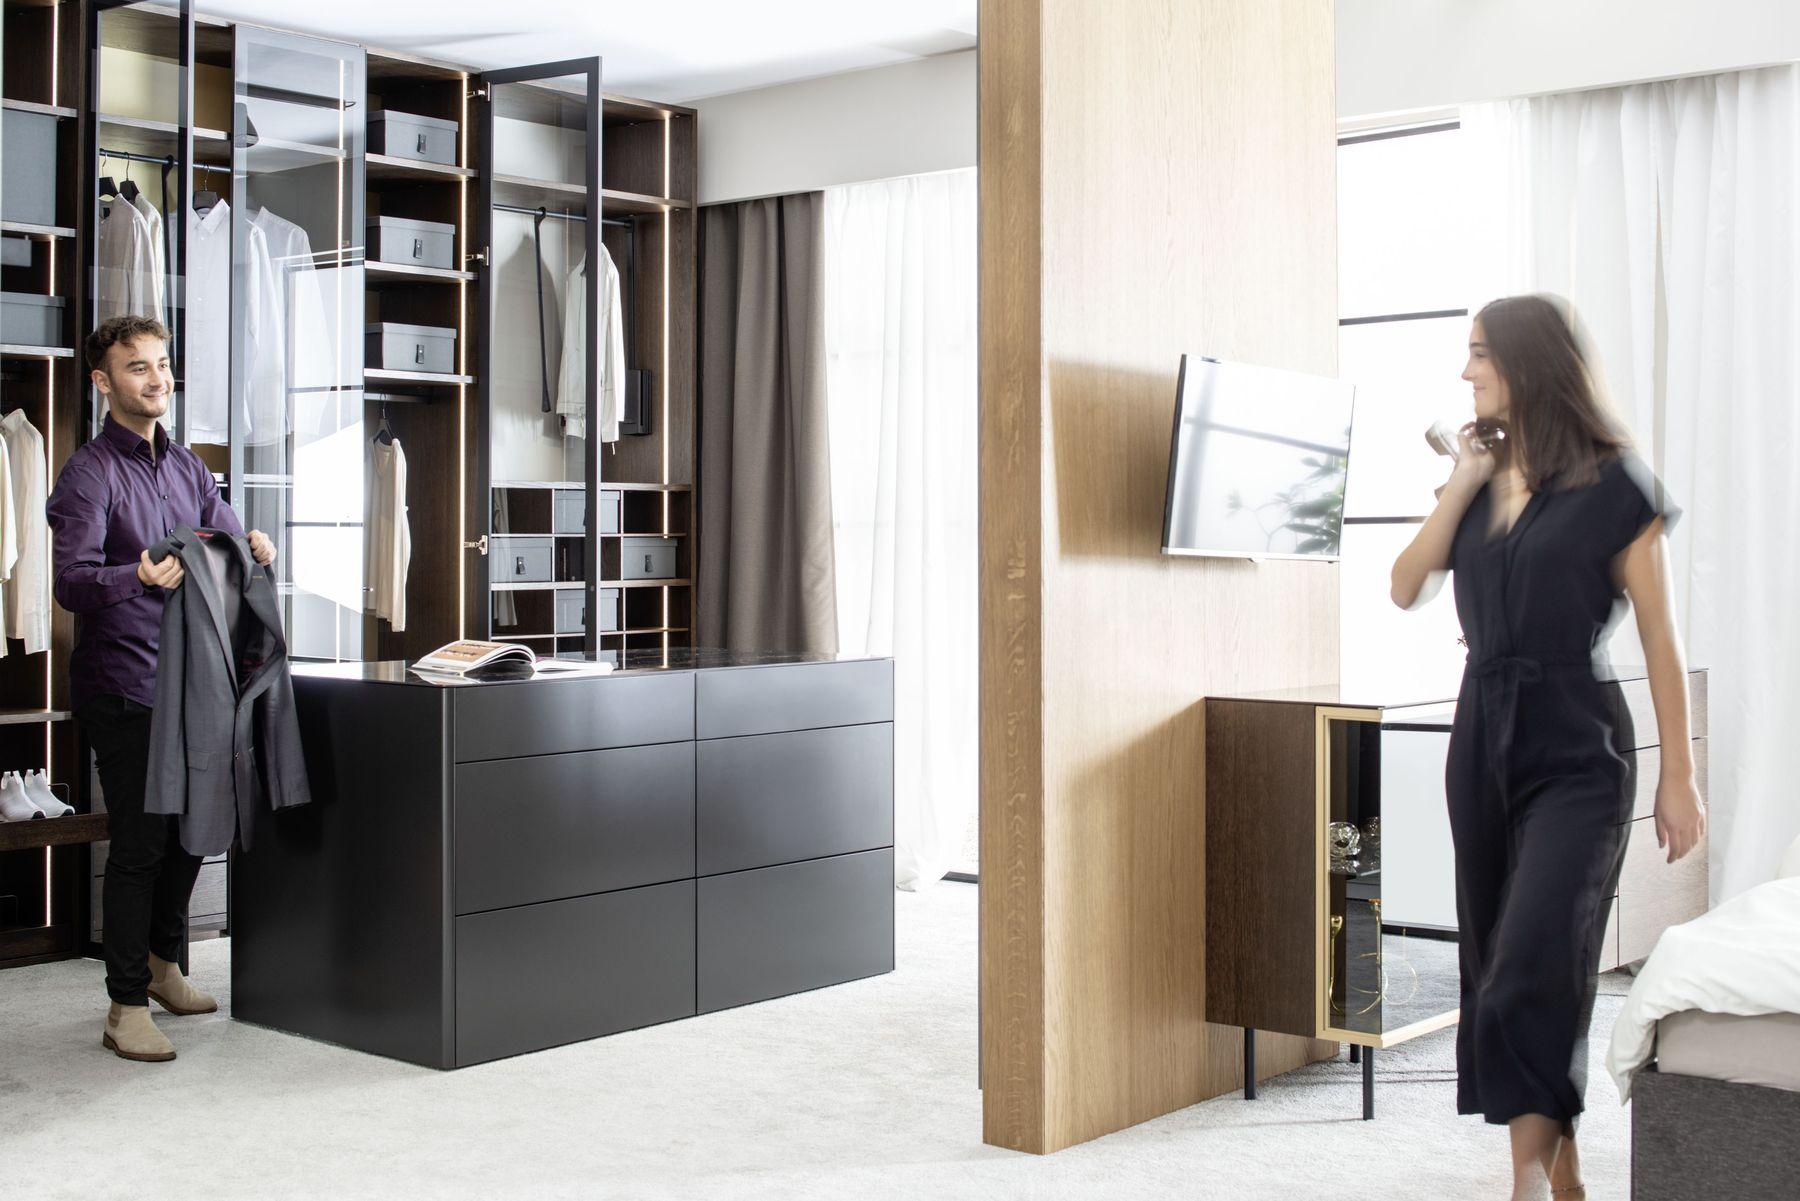 Schlafzimmer Kleiderschrank Mittelinsel begehbar Fokus Goya Cubo Sudbrock Schlafen Schrank Kommode